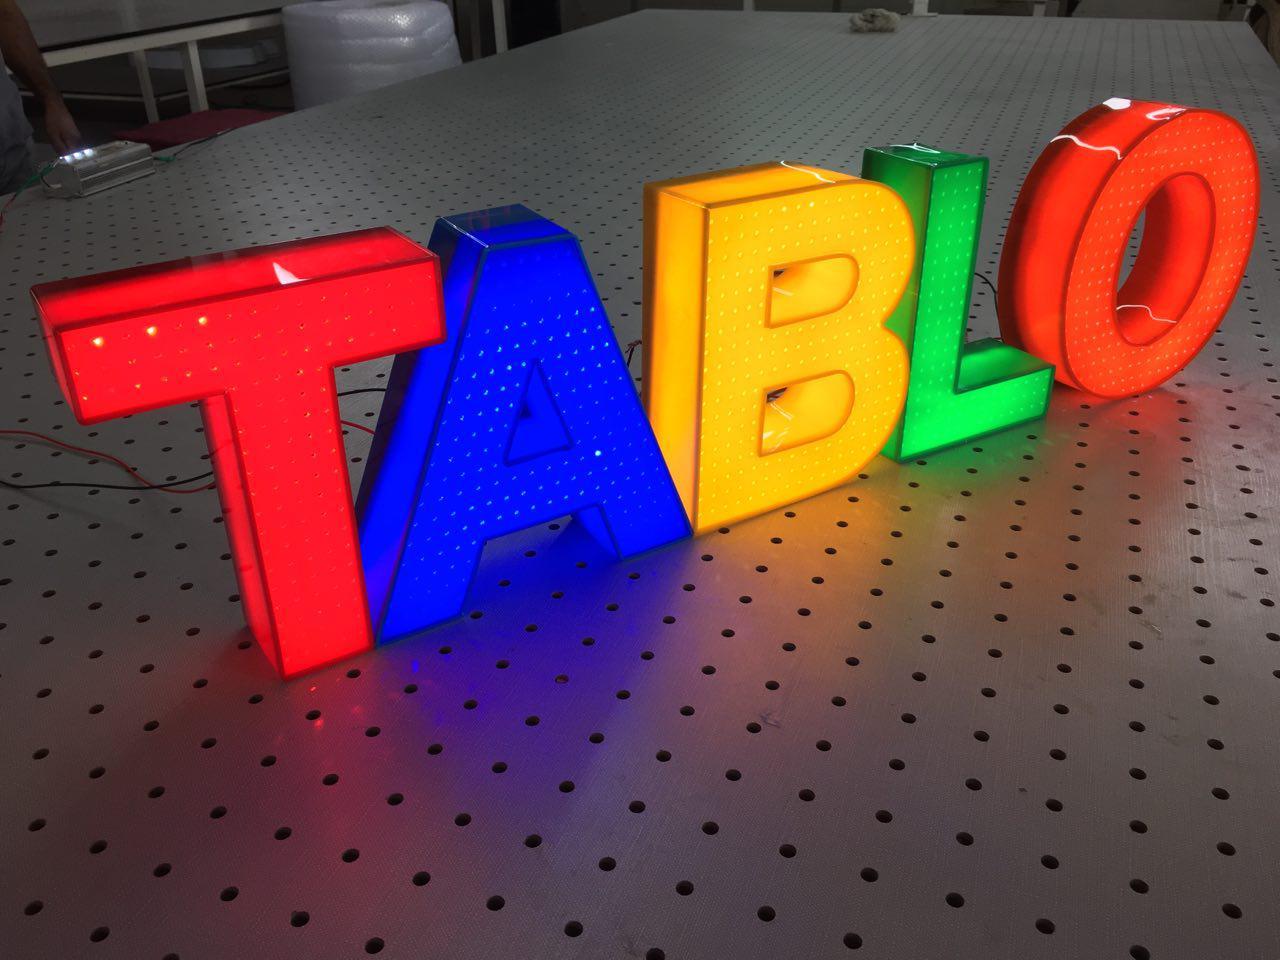 حروف برجسته پلاستیک ،حروف برجسته پلاستیک،نئون پلاستیک، ال ای دی پلاستیک ،تابلو برجسته پلاستیک ،تابلو پلکسی